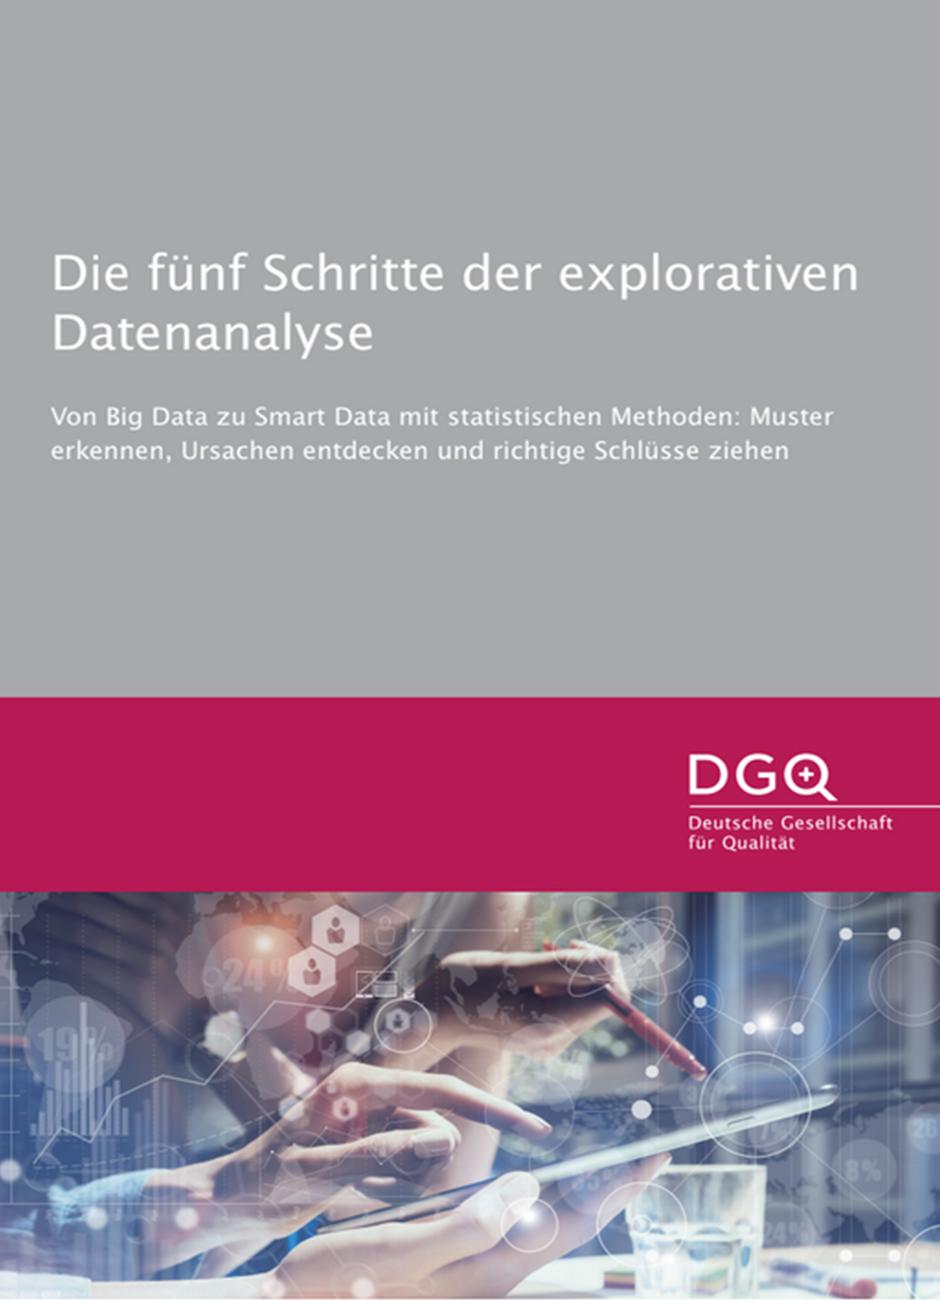 DGQ-Infografik: Die fünf Schritte der explorativen Datenanalyse